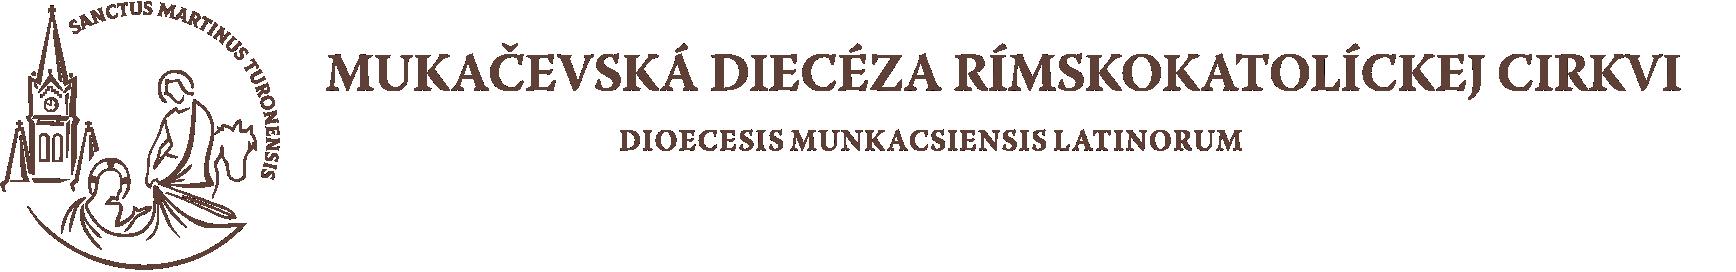 Mukačevská Diecéza Rímskokatolíckej Cirkvi